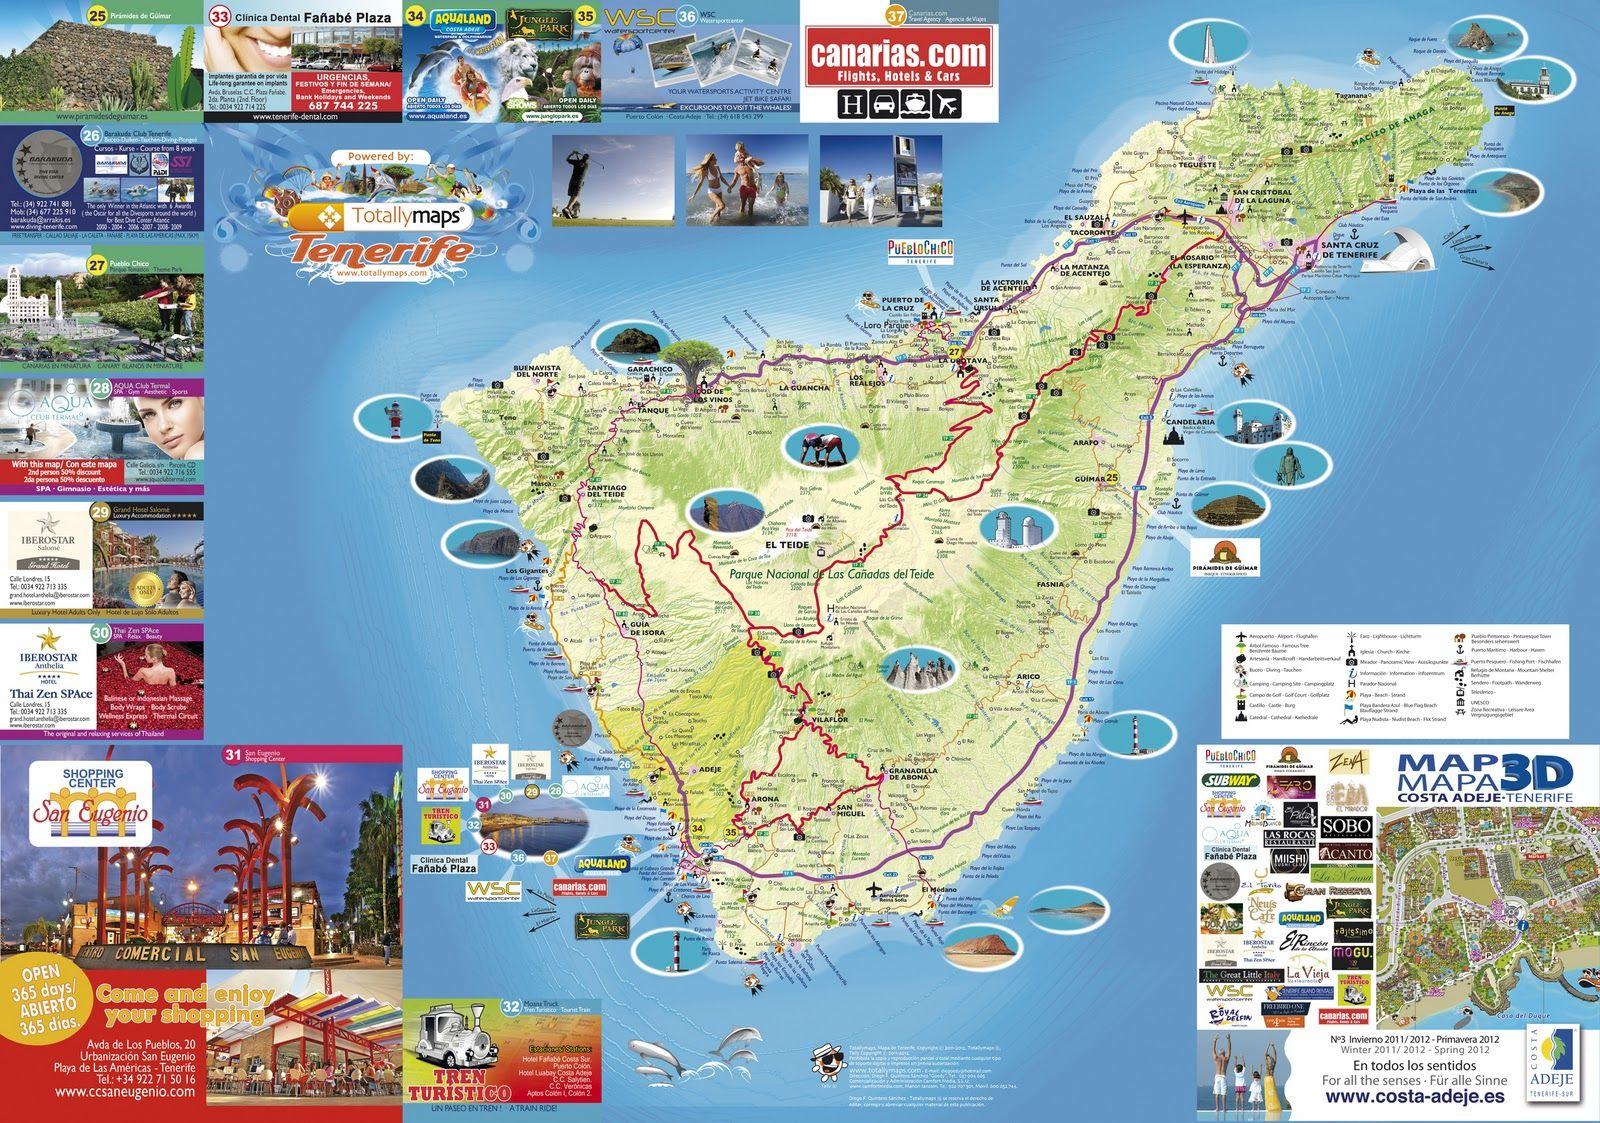 Carte Tenerife.Carte Touristique De Tenerife Espagne En 2019 Tenerife